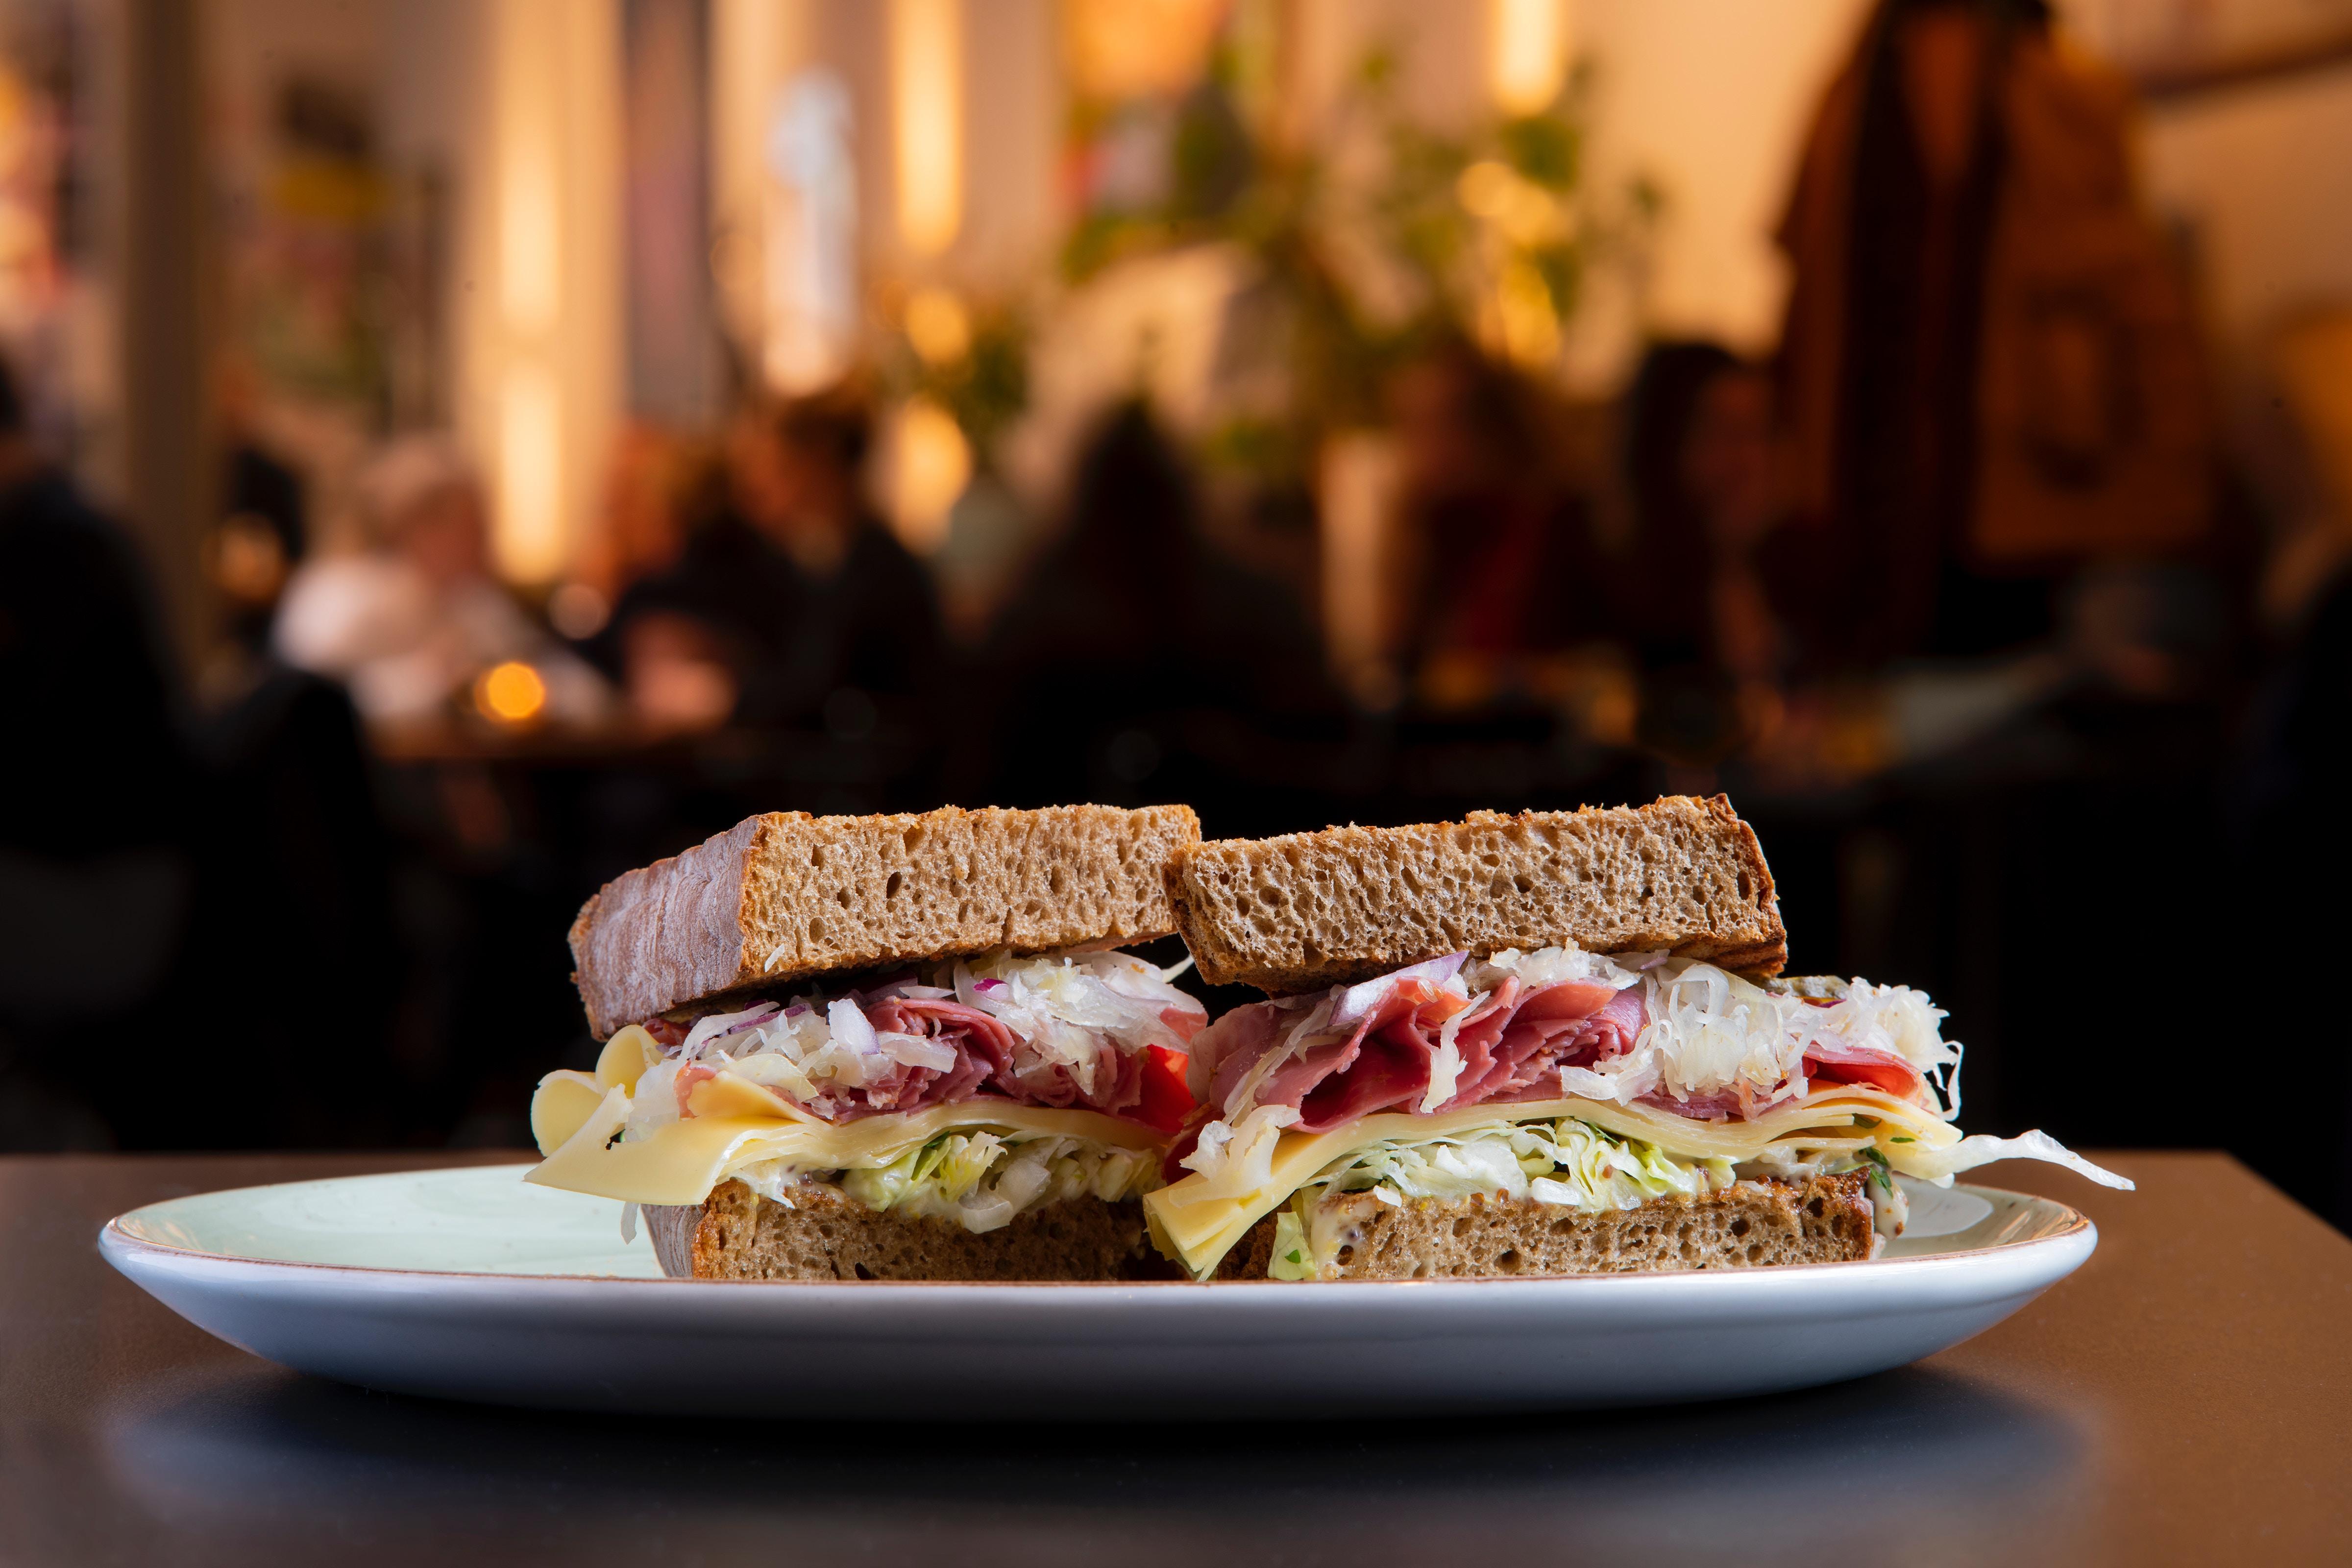 Sandwich generation faces financial squeeze